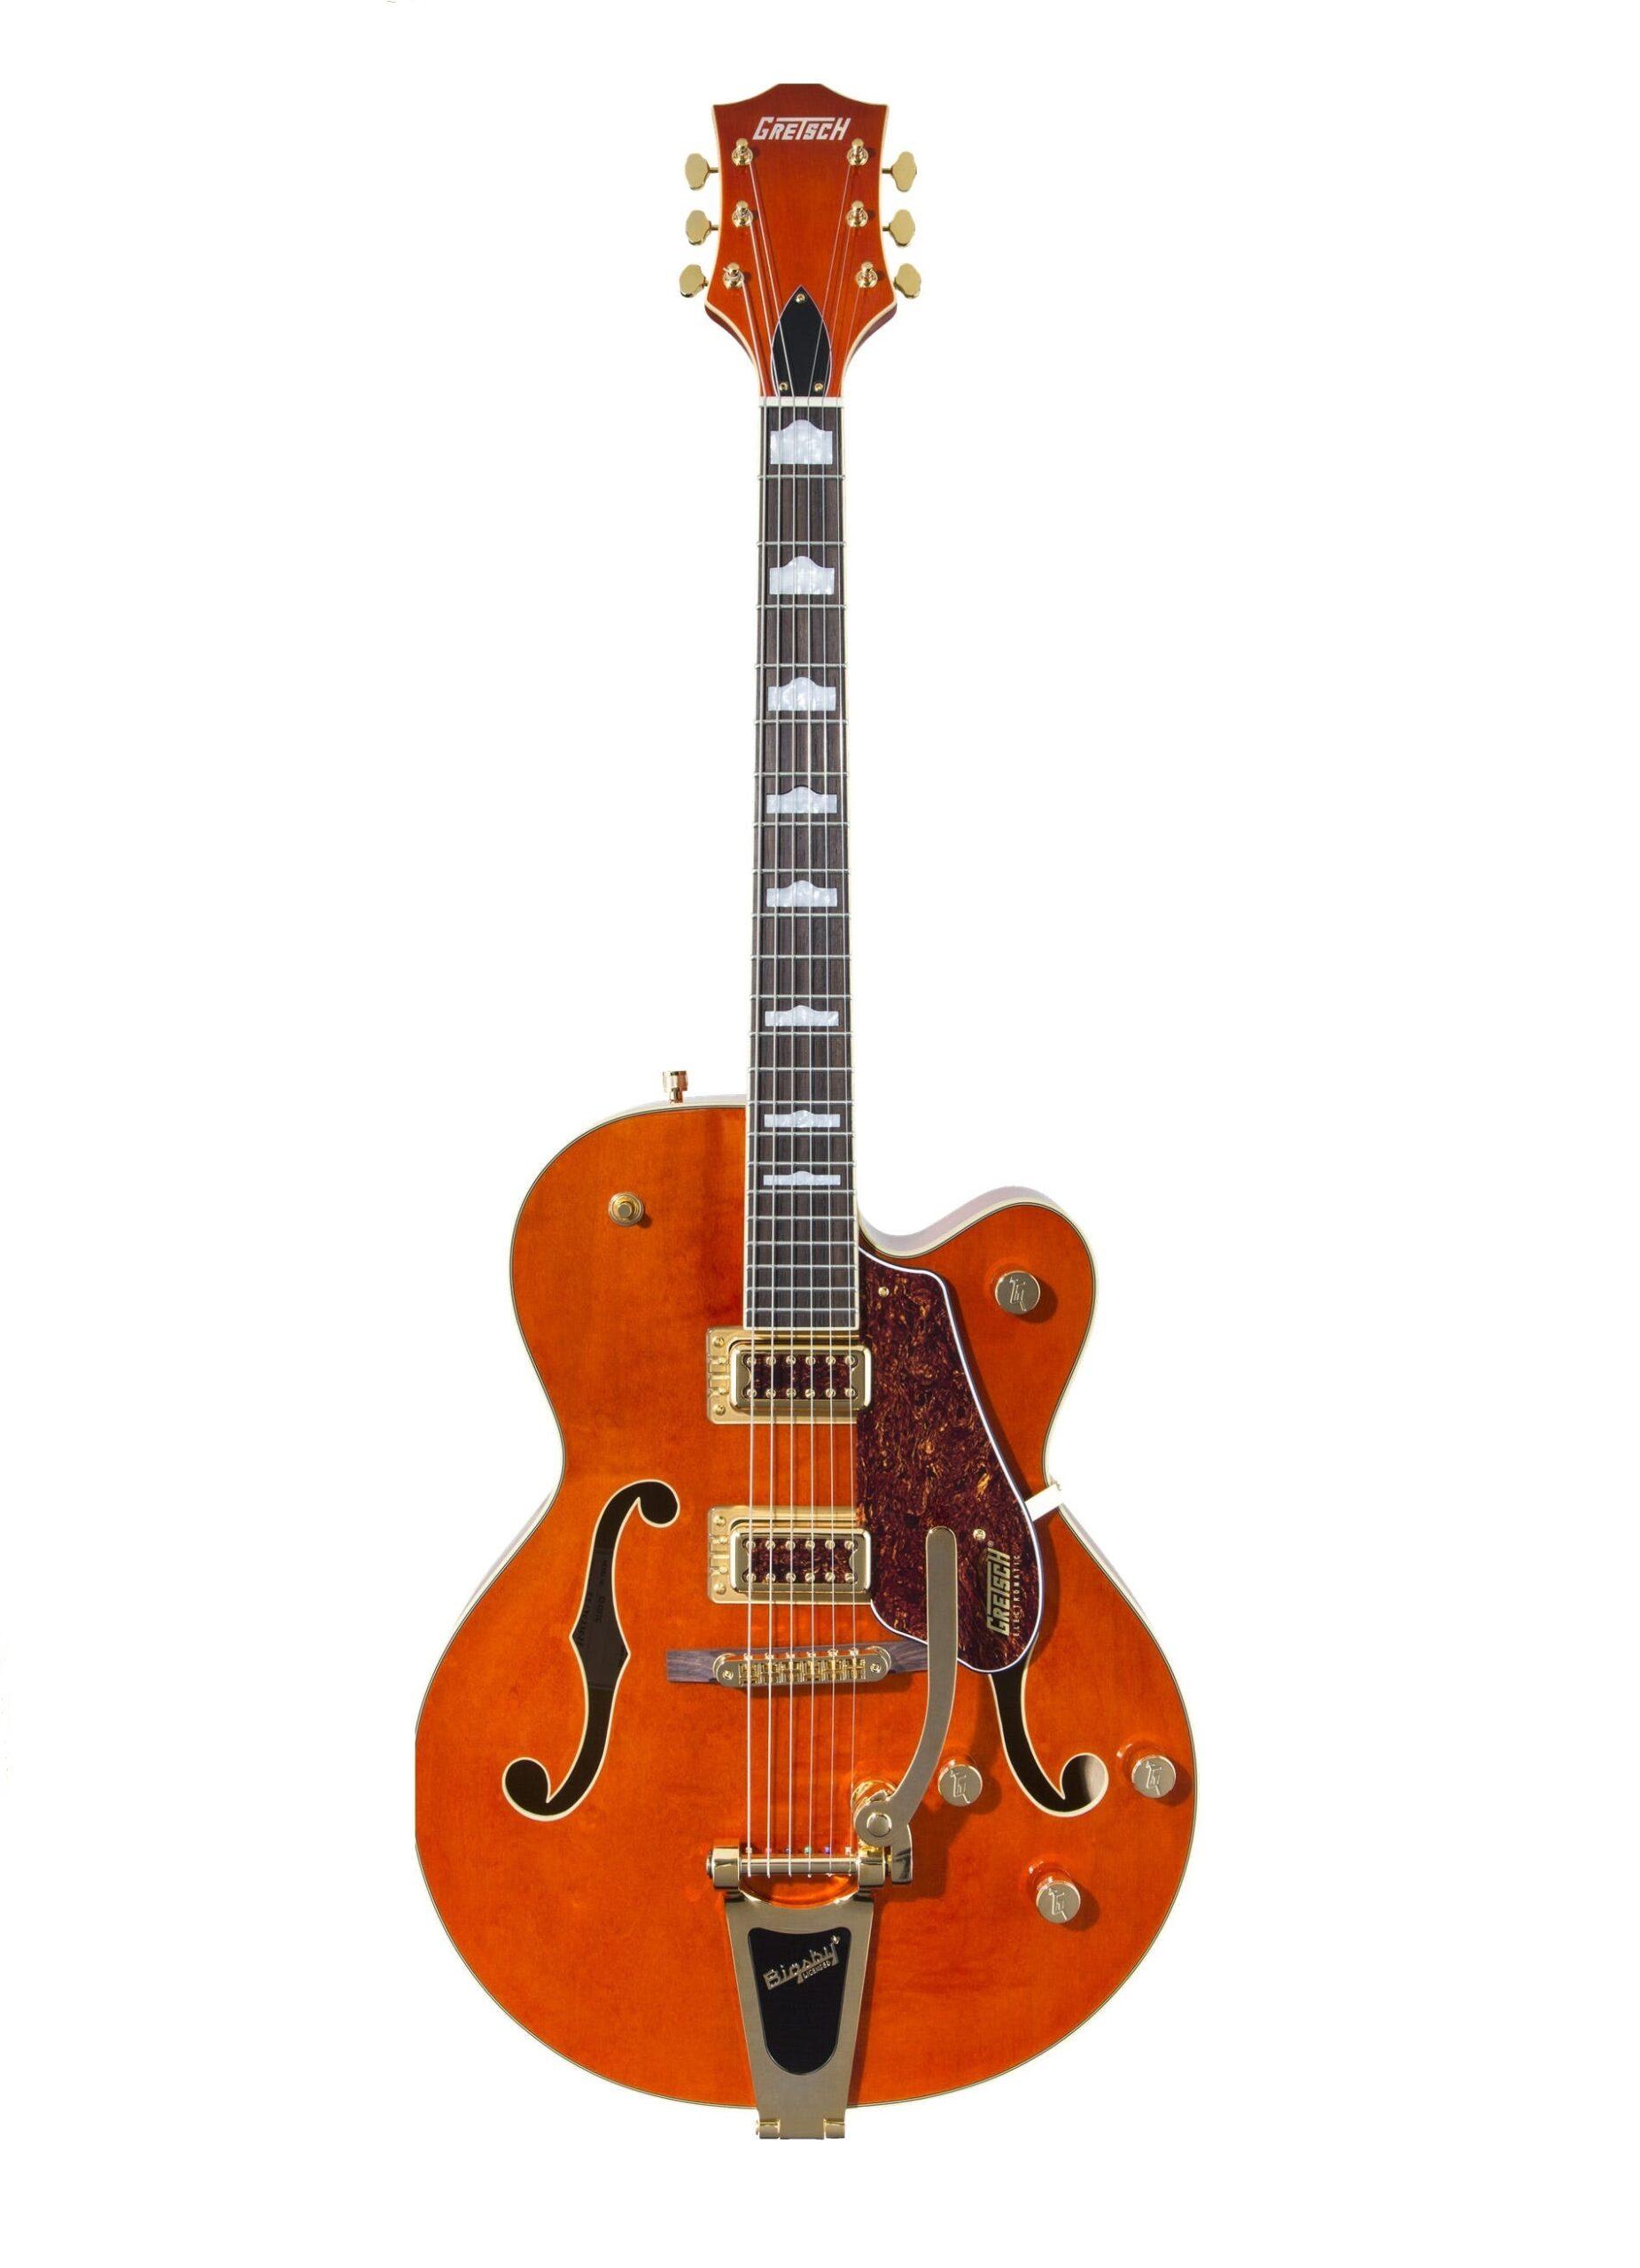 Gretsch G5420tg 50s Orange